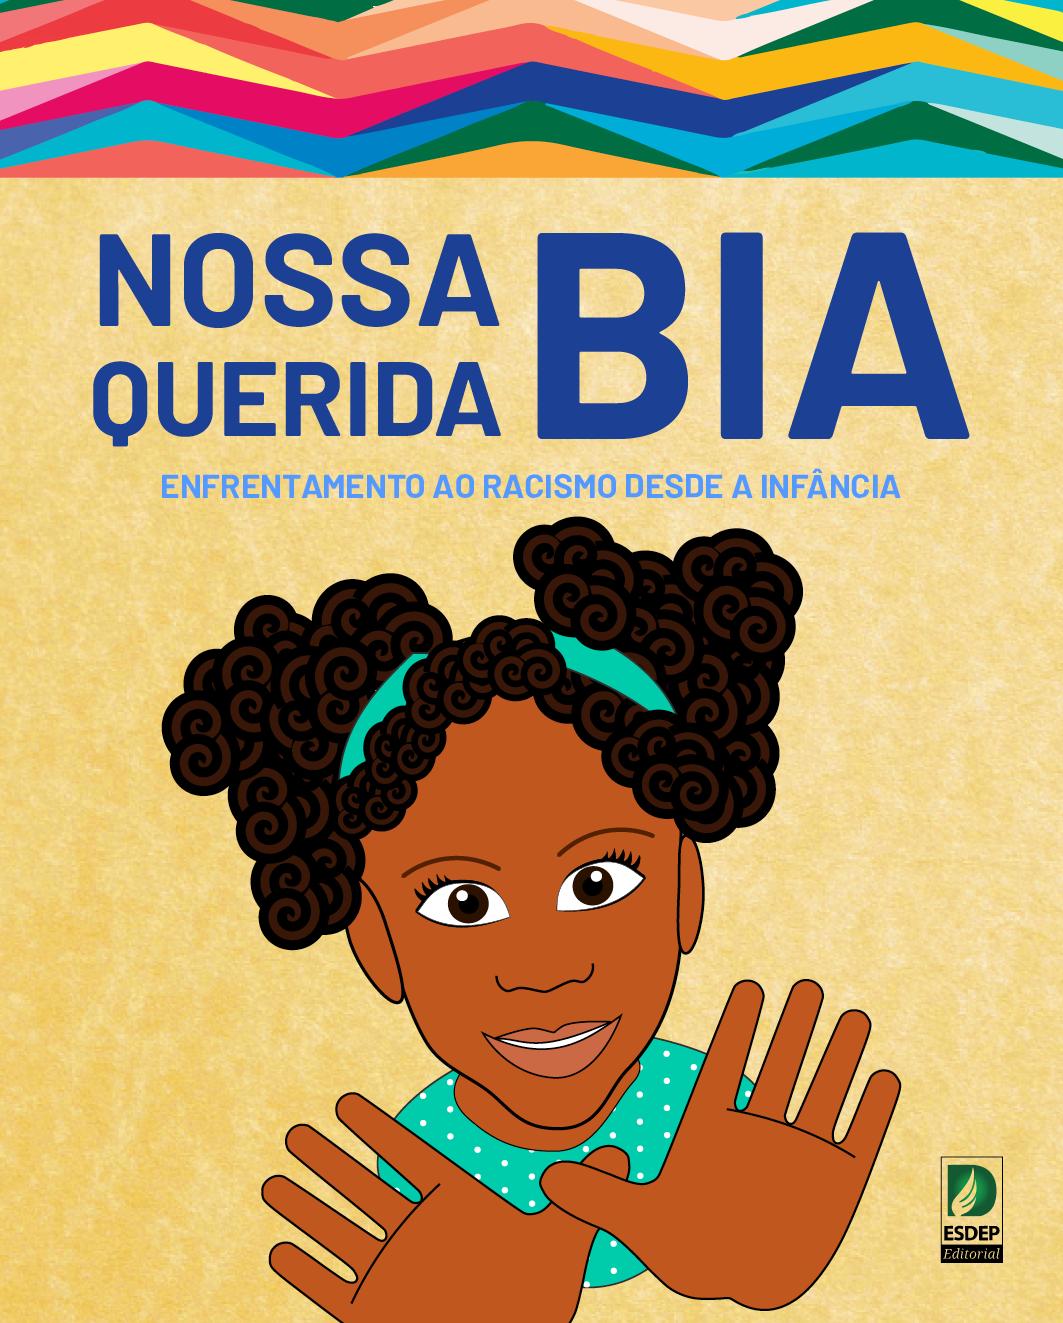 Nossa querida Bia – enfrentamento ao racismo desde a infância